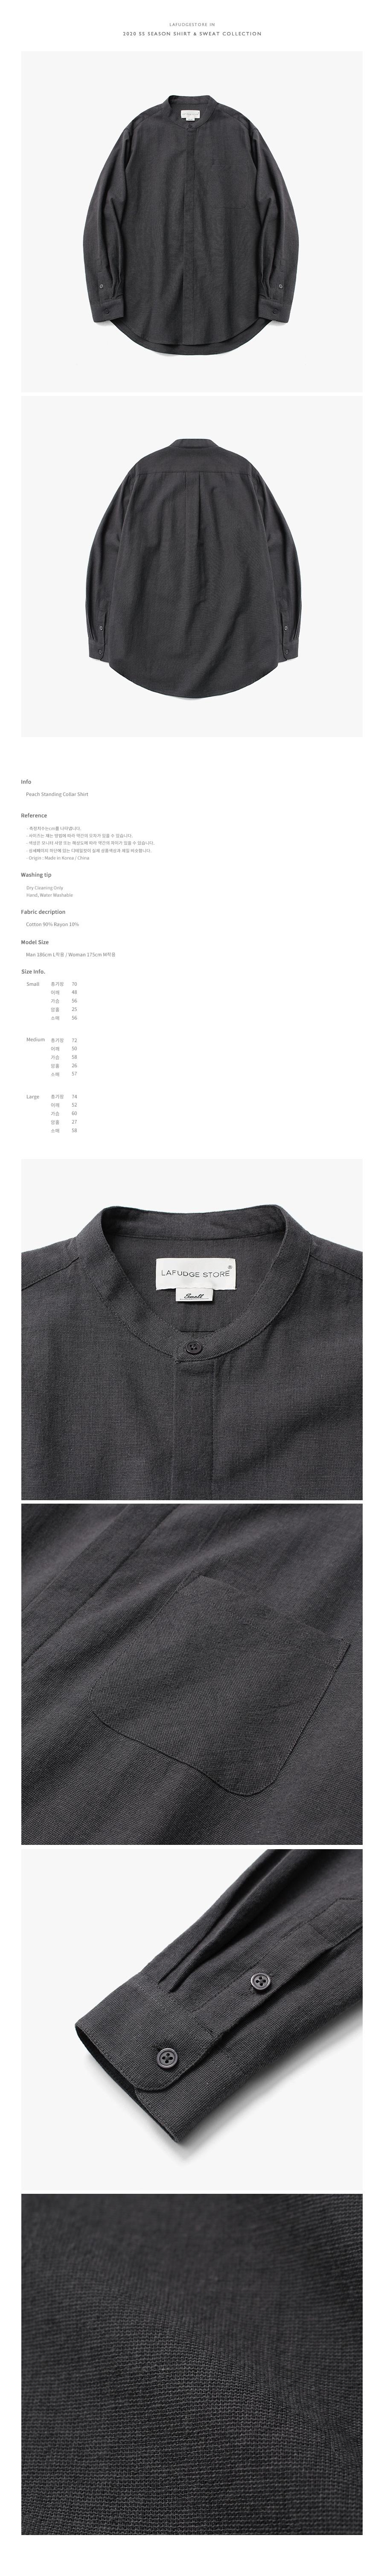 라퍼지스토어(LAFUDGESTORE) 피치 스탠딩 칼라 셔츠_Charcoal